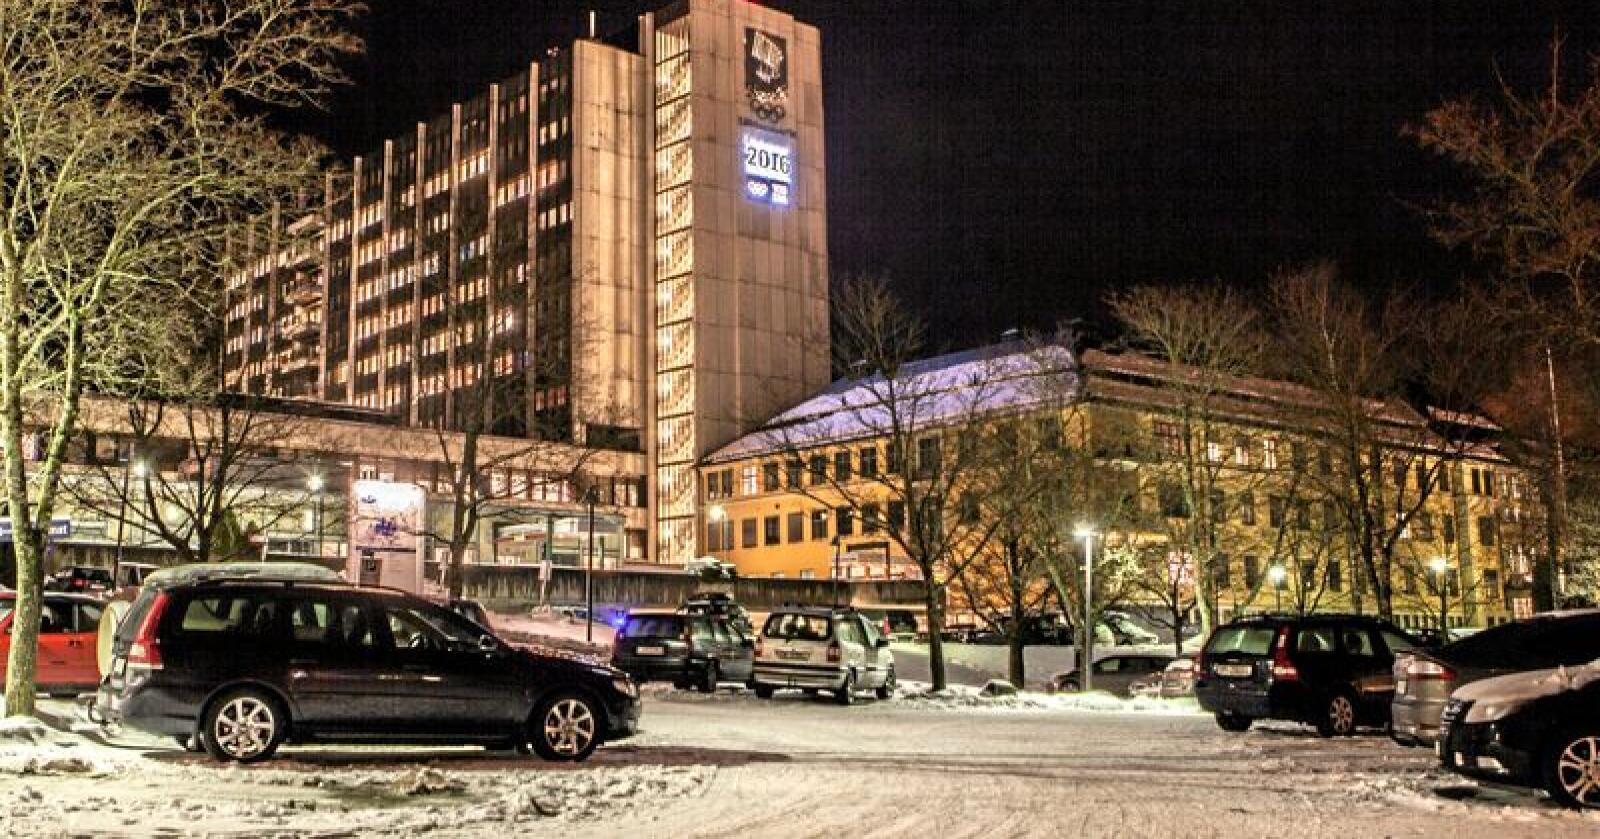 Kan bli lagt ned: Sykehuset på Lillehammer. Planen er å bygge et nytt, stort Mjøssykehus. Foto: Paul Kleiven / NTB scanpix